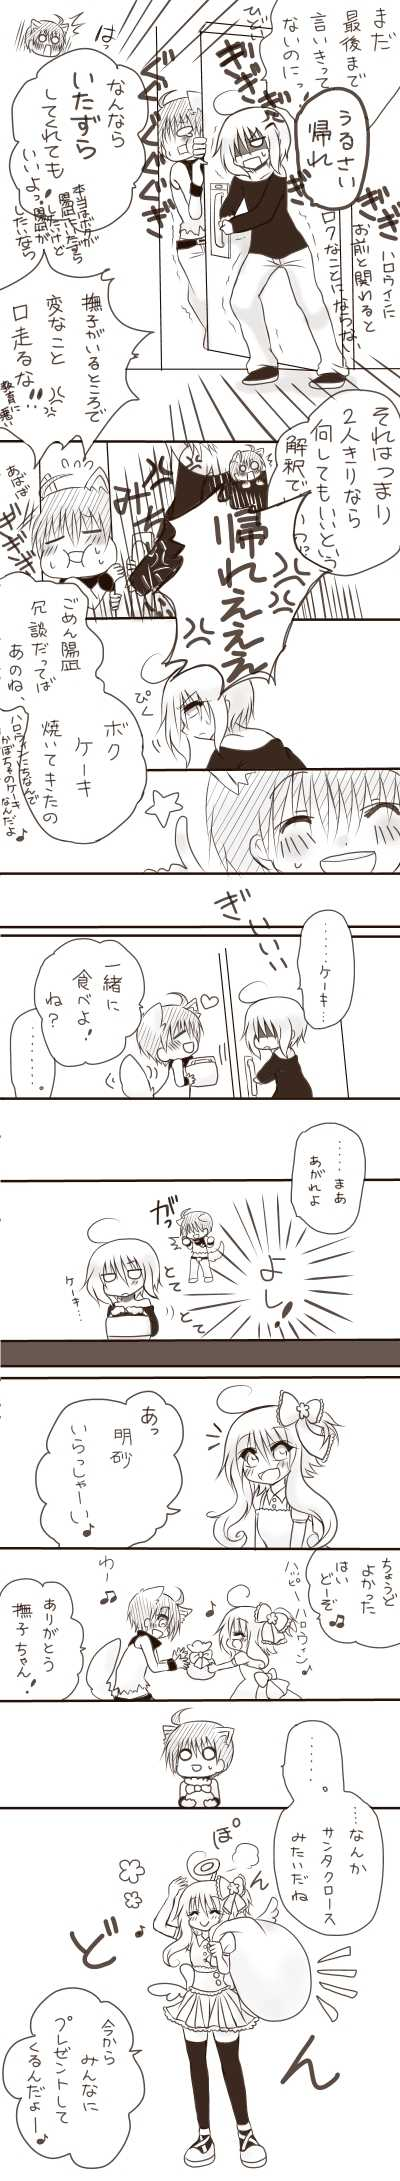 ハロウィン漫画【2014】